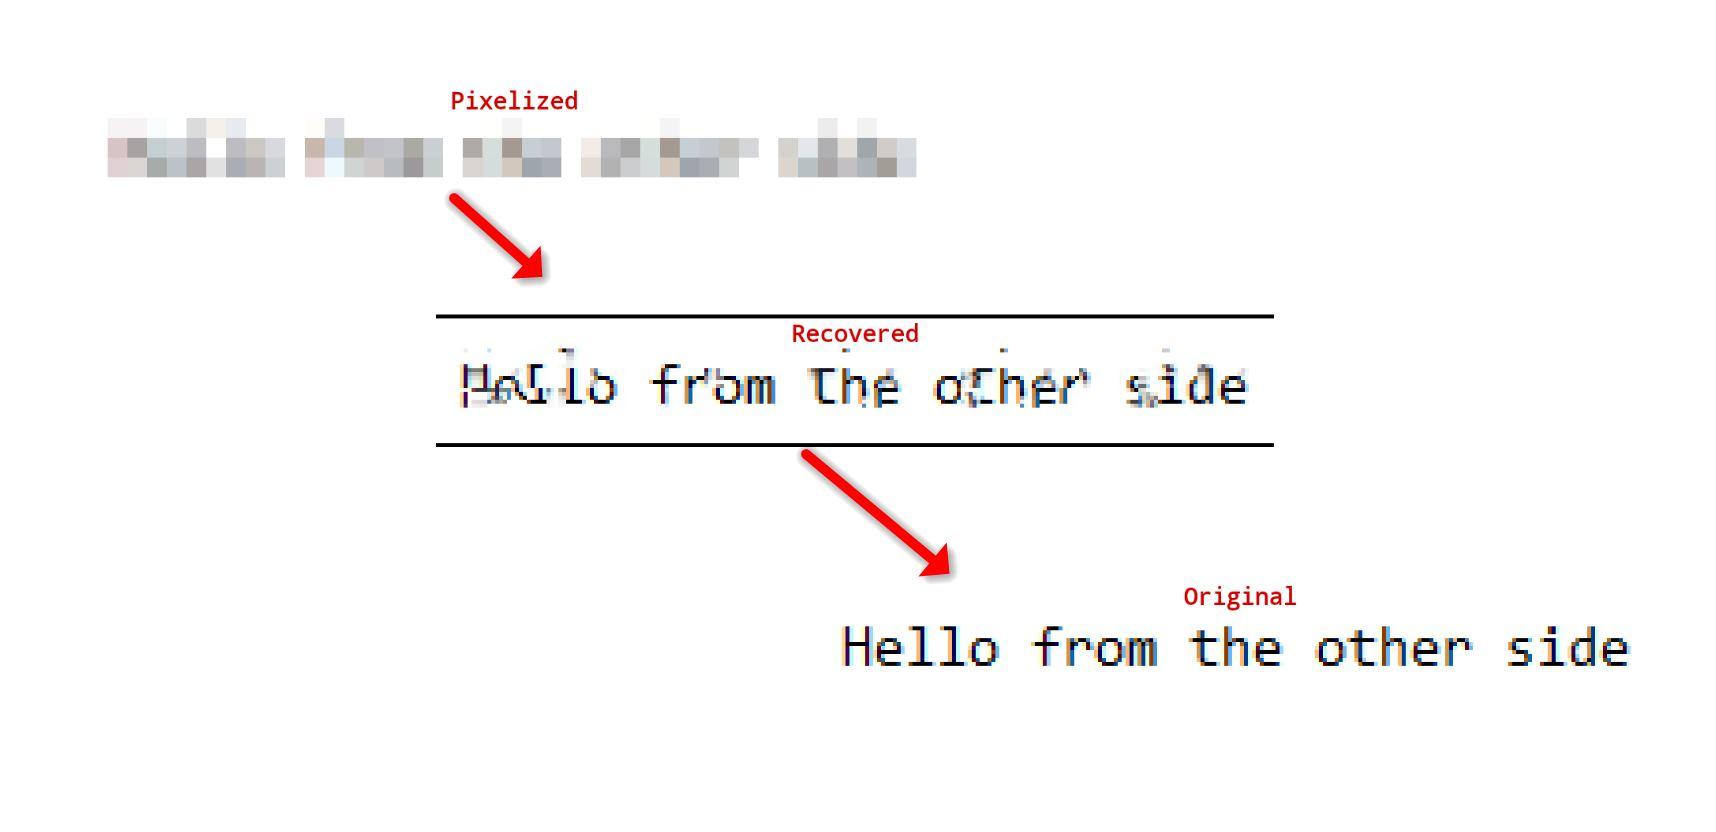 Para saber lo que se esconde detrás de los textos pixelados